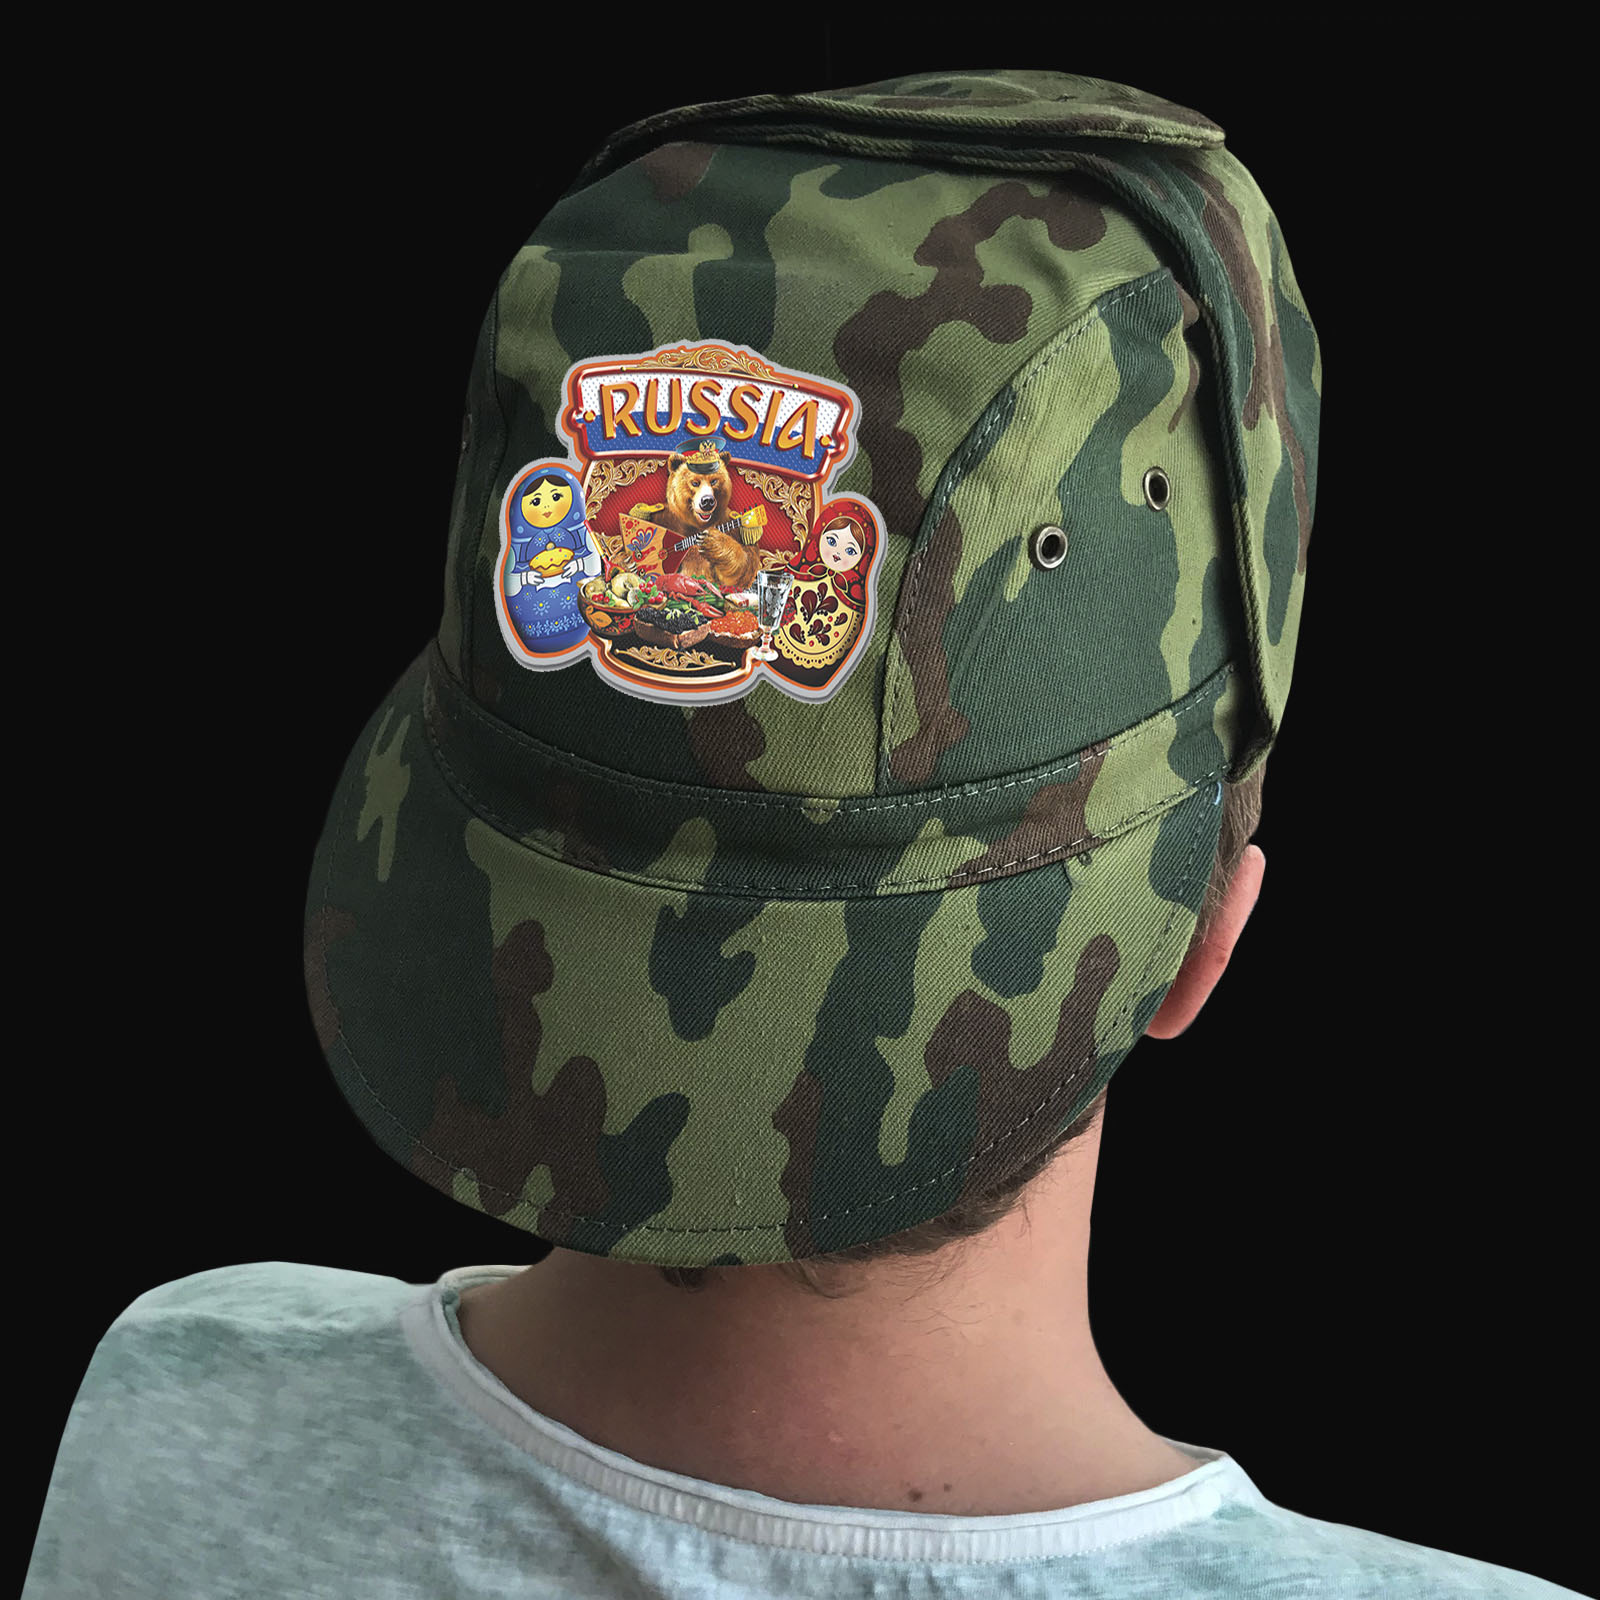 Купить в интернет магазине кепку с символикой России